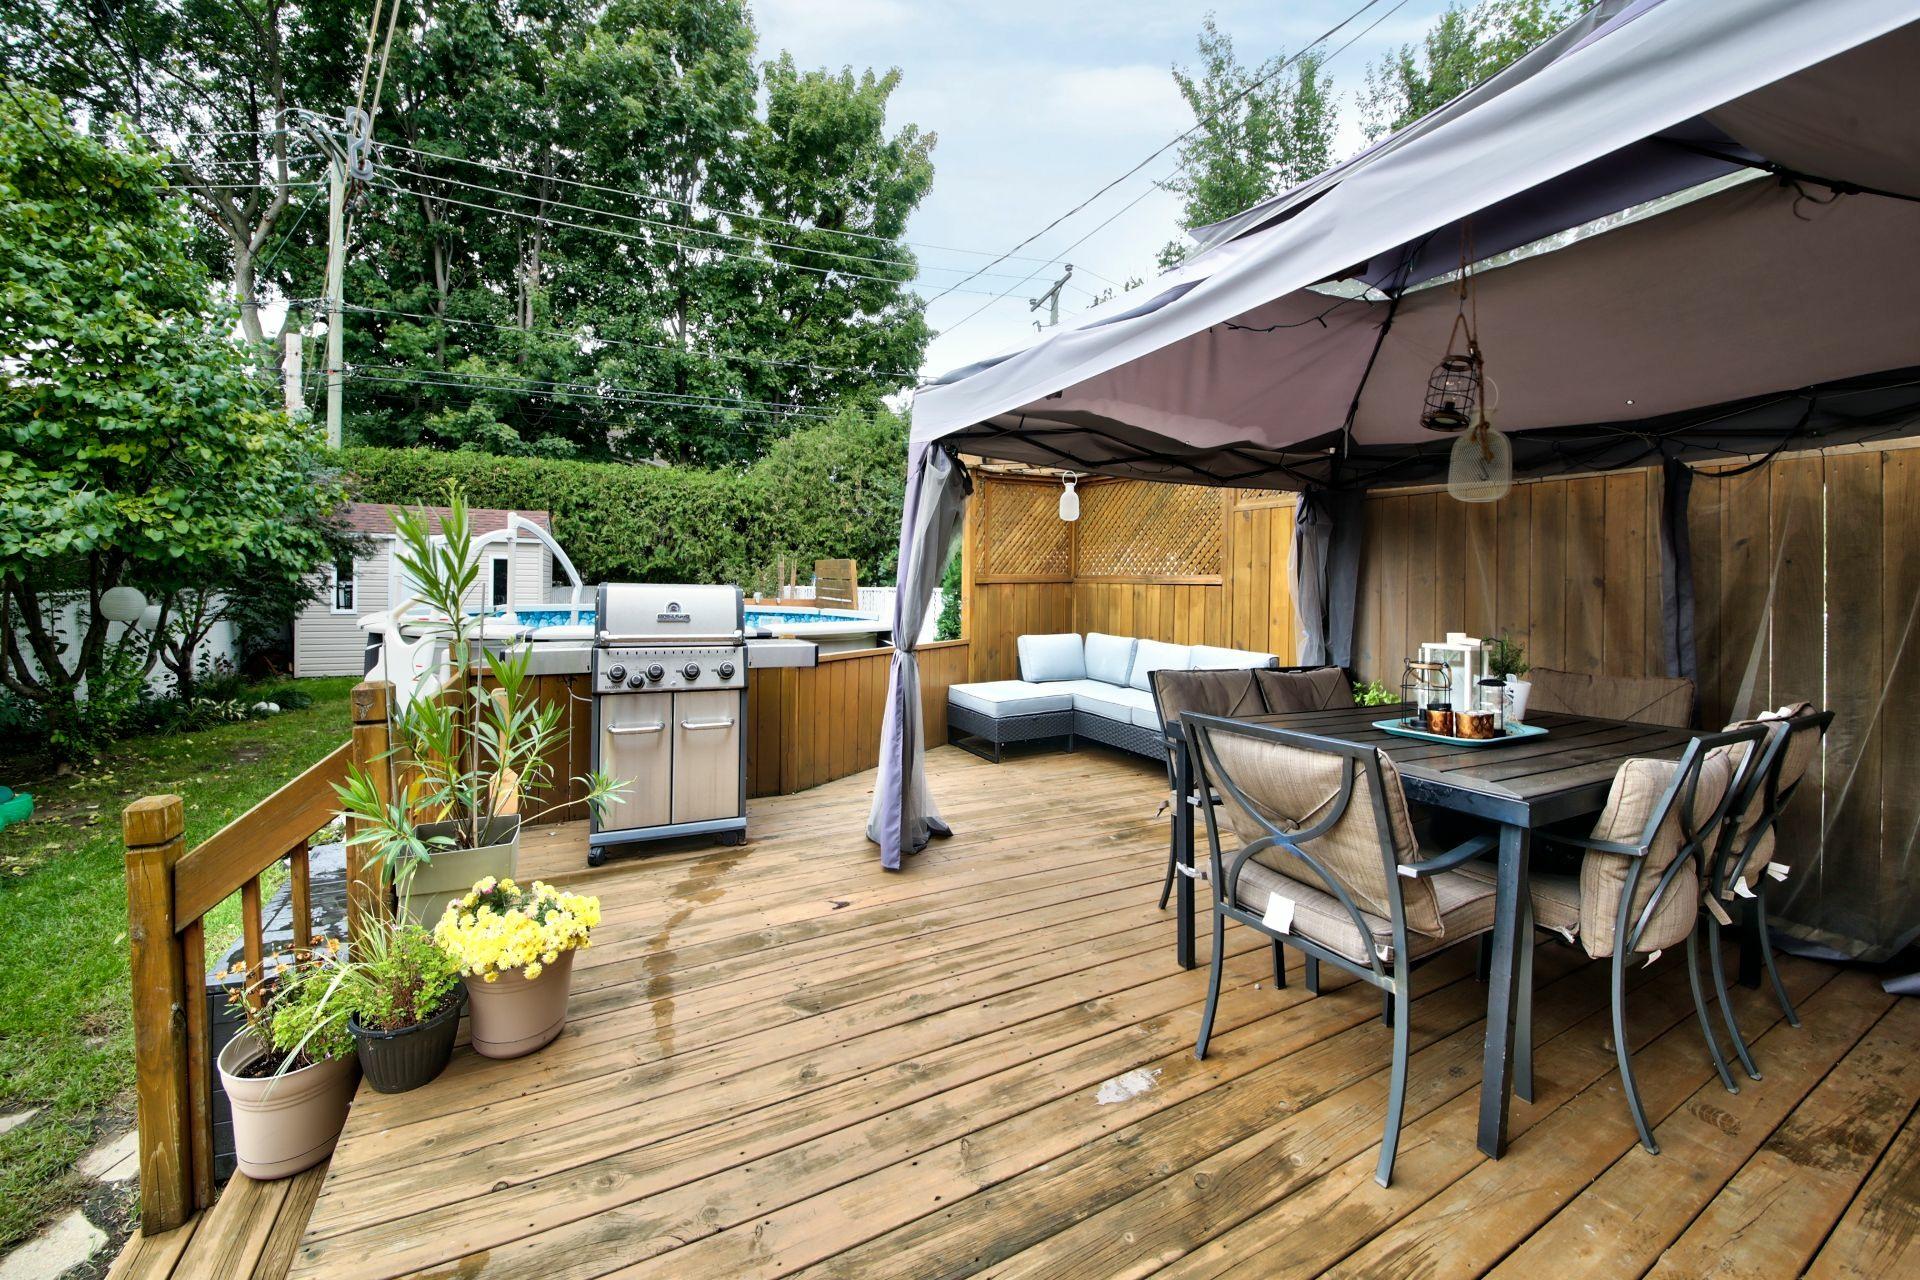 image 22 - Maison À vendre Sainte-Rose Laval  - 7 pièces